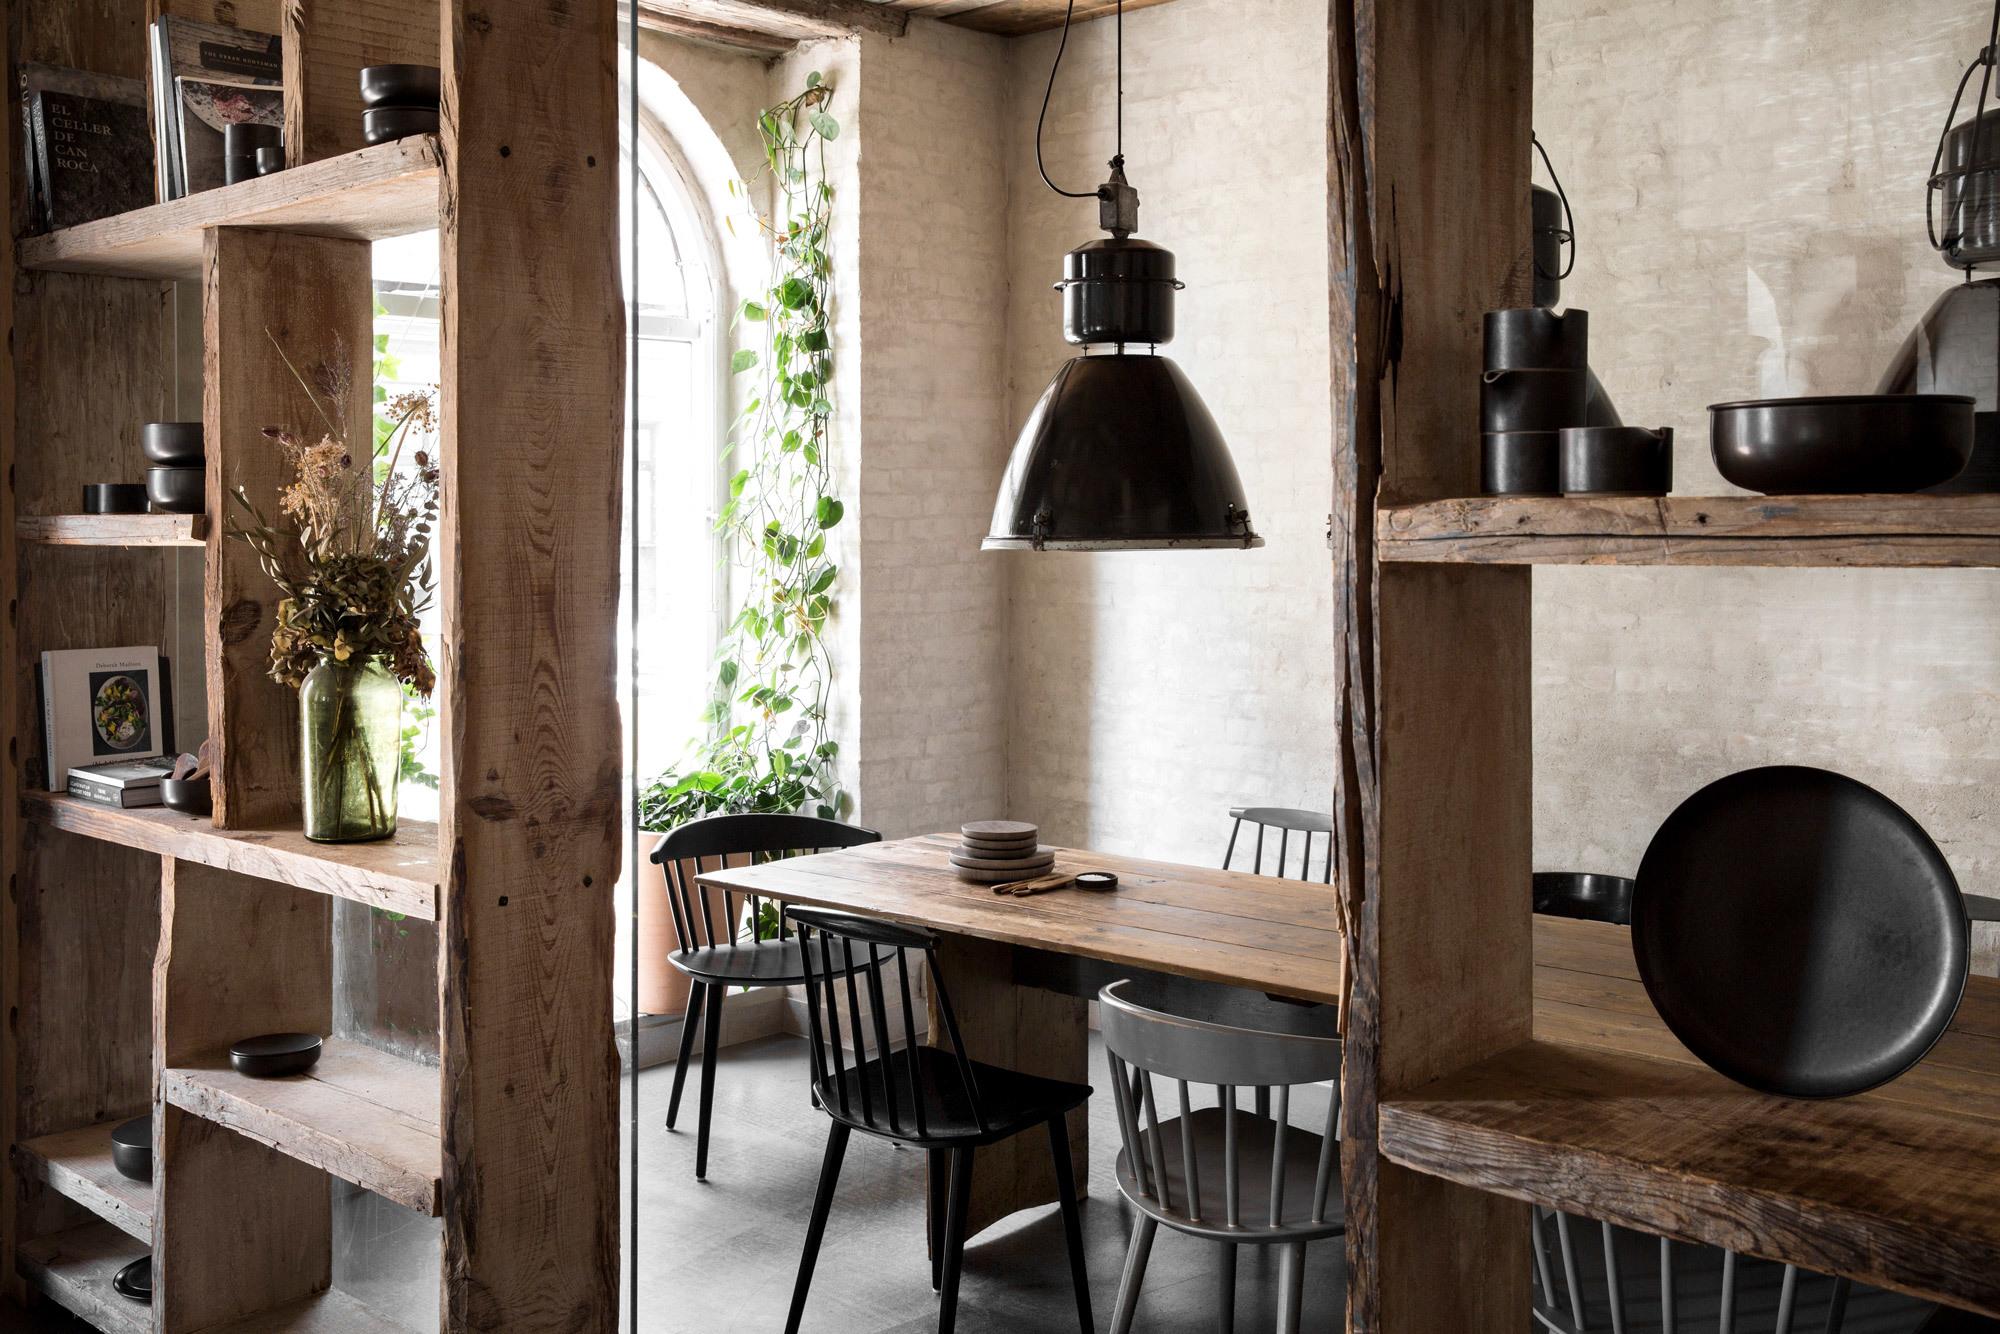 Restaurant Höst, Kopenhagen, 2014, Foto:Jonas Bjerre-Poulsen